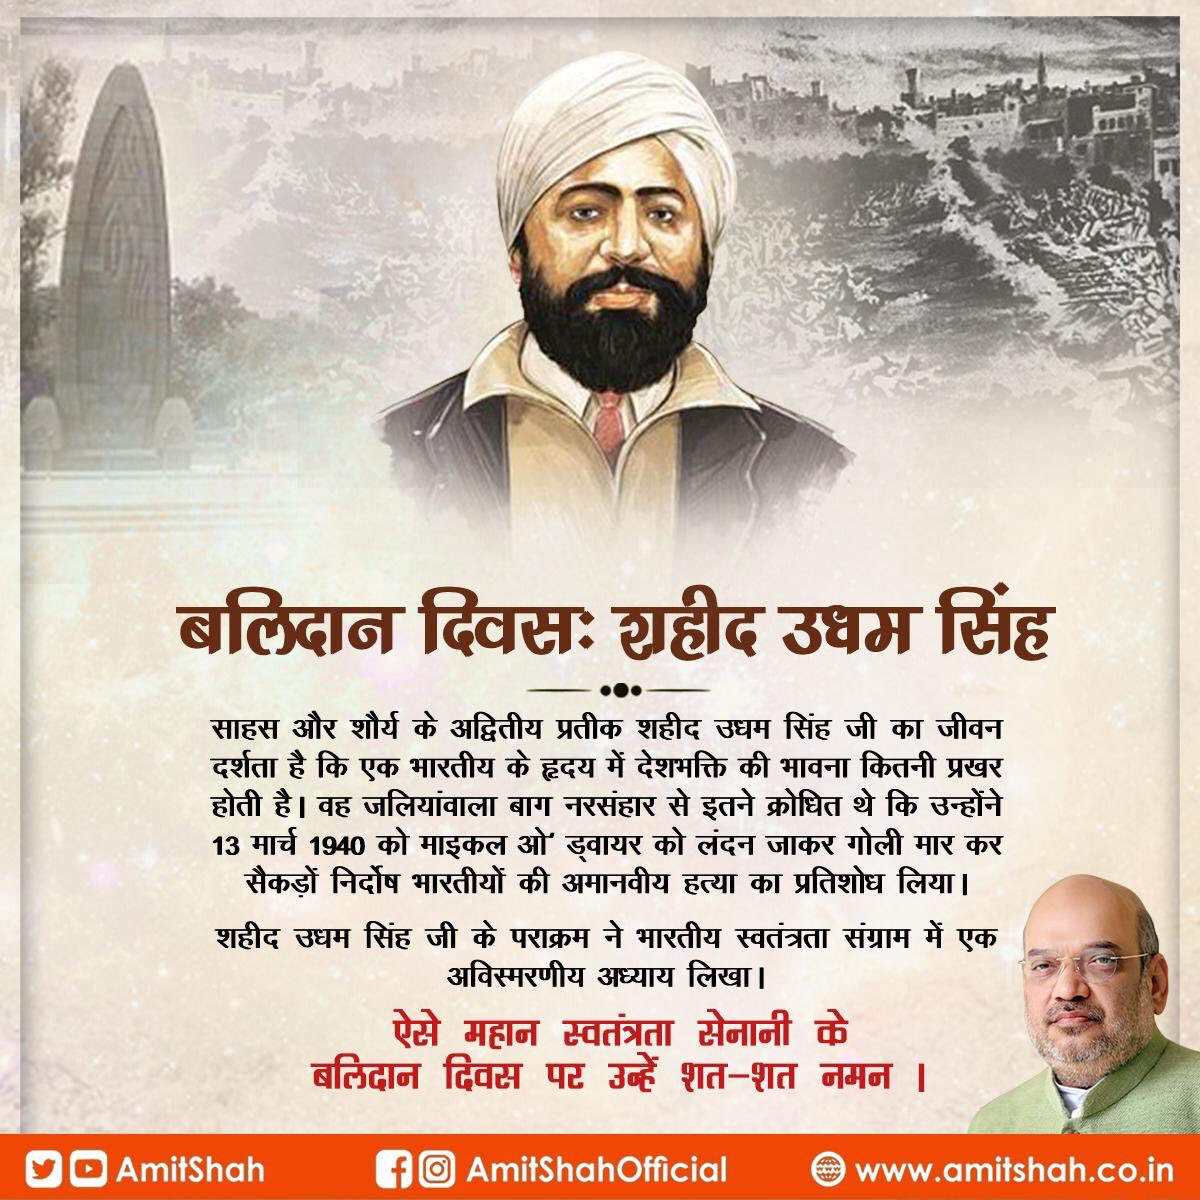 साहस व शौर्य के अद्वितीय प्रतीक उधम सिंह का जीवन दर्शता है कि एक भारतीय के हृदय में देशभक्ति की भावना कितनी प्रखर होती है। शहीद उधम सिंह जी के पराक्रम ने भारतीय स्वतंत्रता संग्राम में एक अविस्मरणीय अध्याय लिखा।  ऐसे महान स्वतंत्रता सेनानी के बलिदान दिवस पर उन्हें शत-शत नमन।